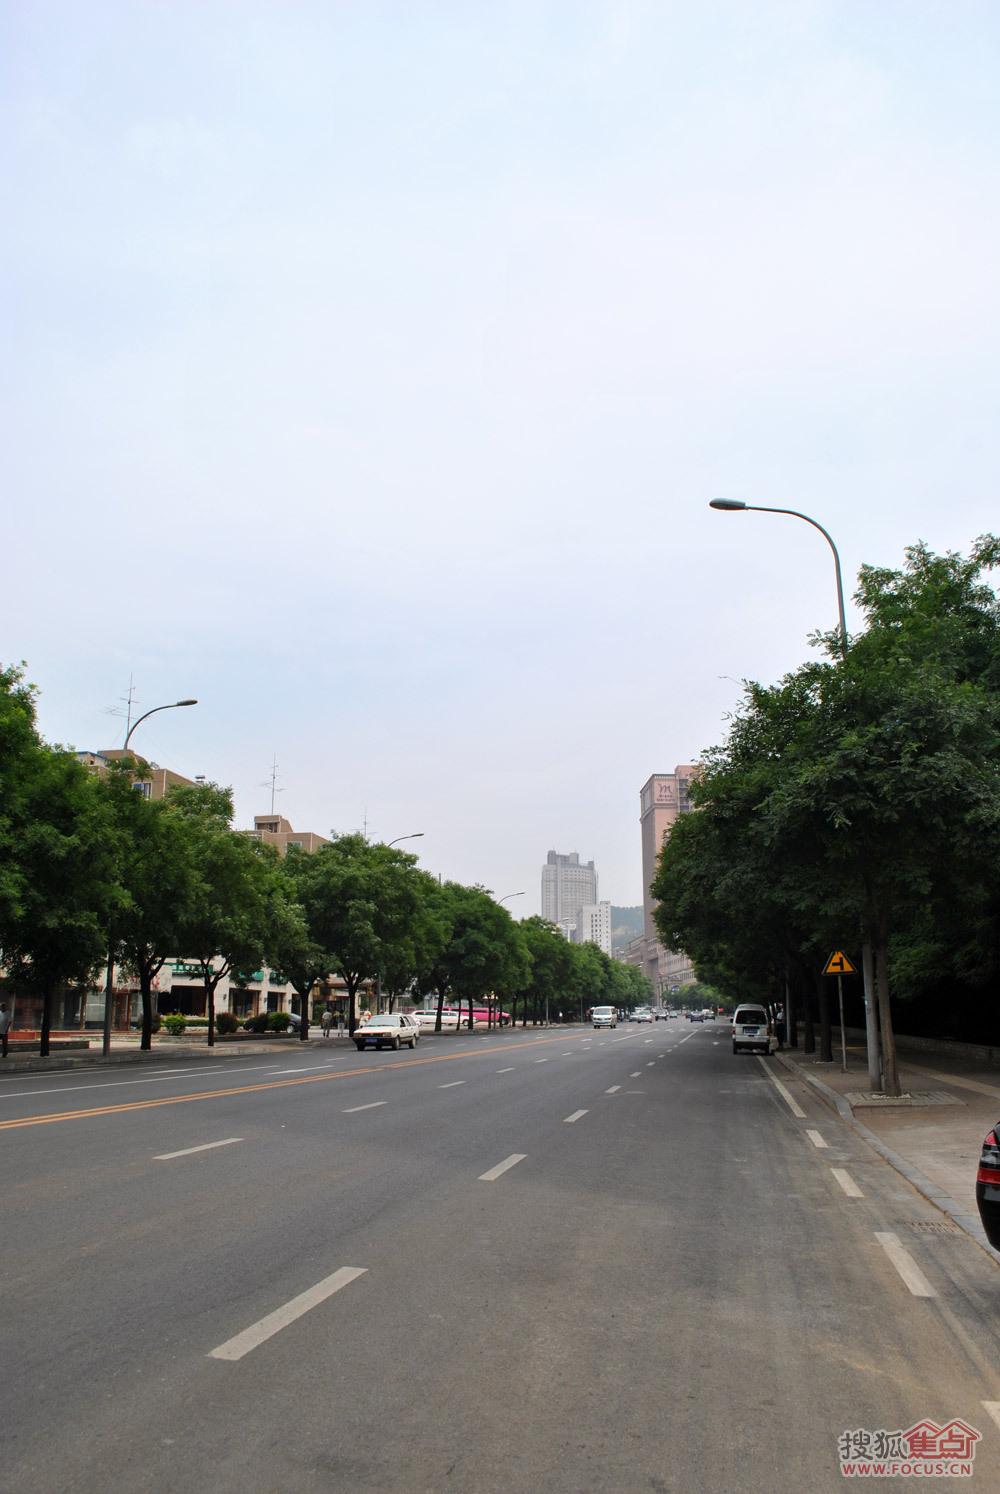 中南街道线路图